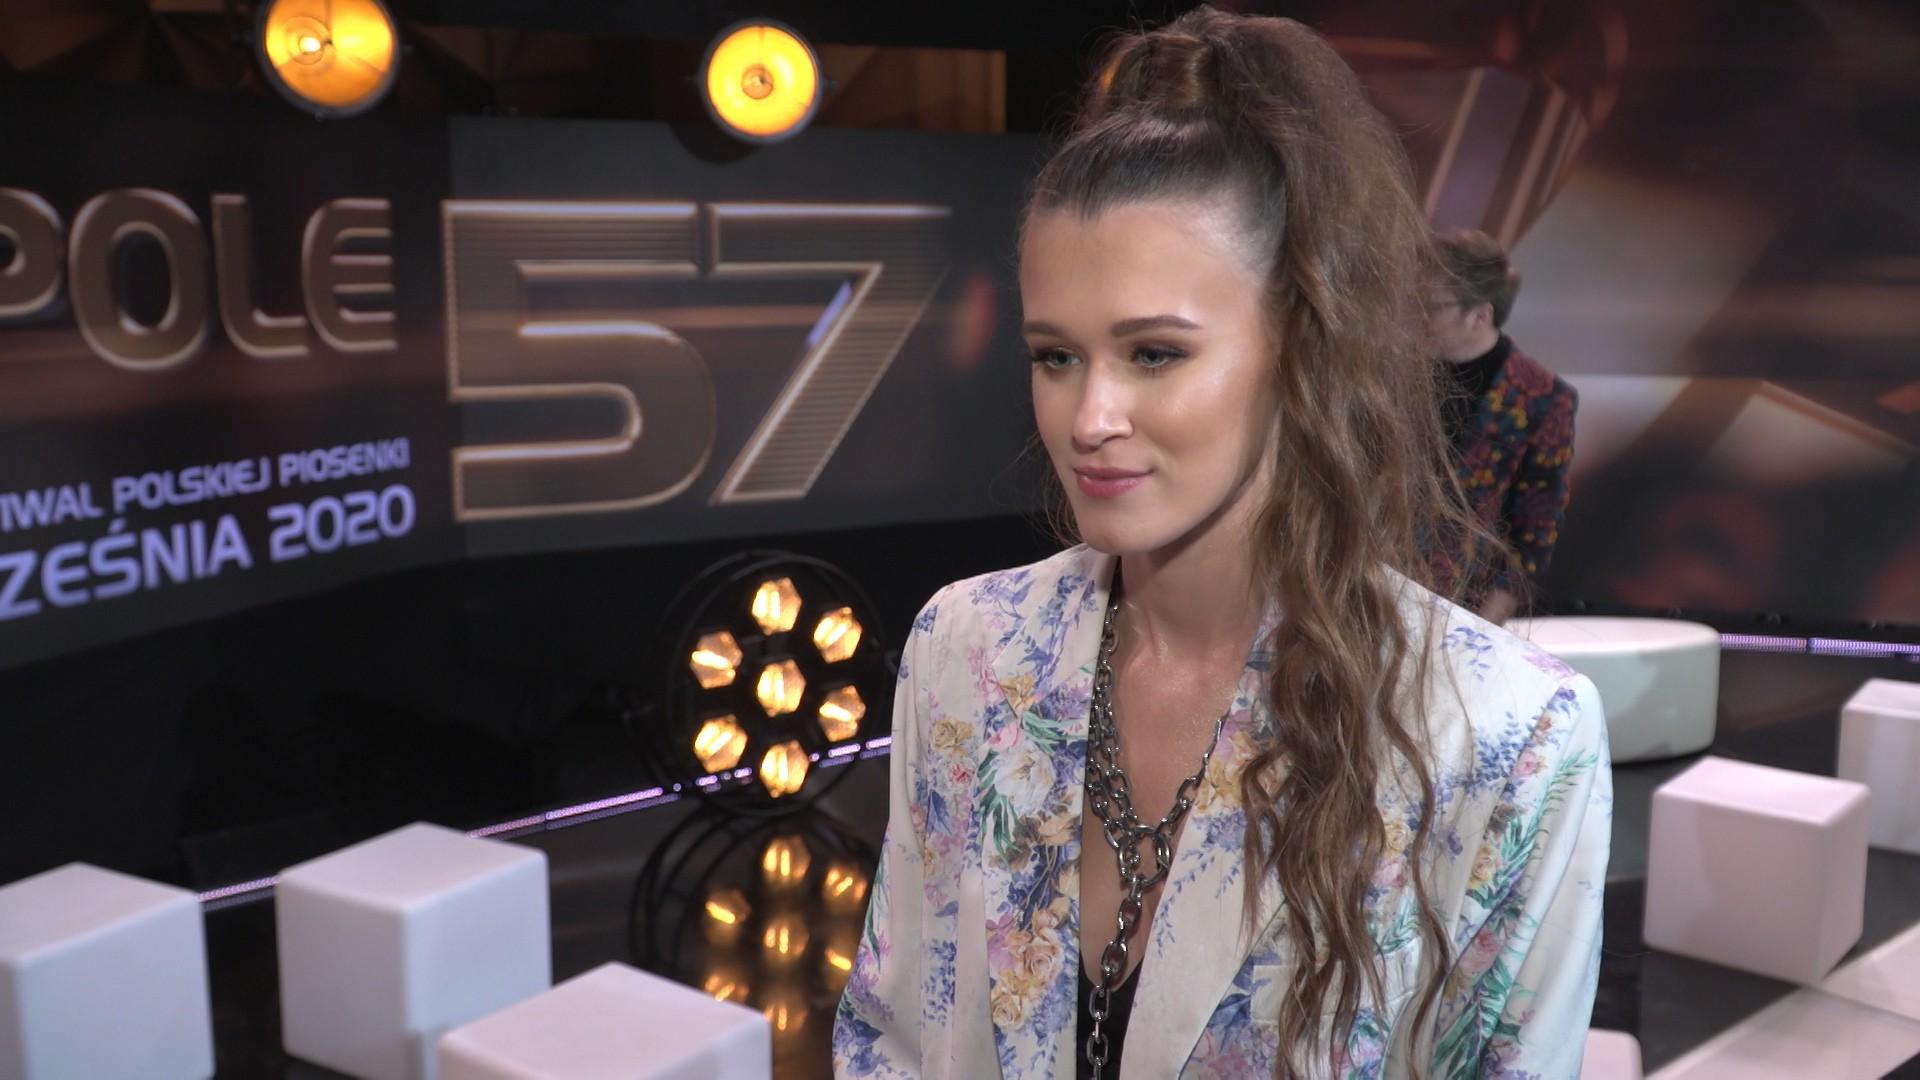 Weronika Juszczak: Podczas pandemii tworzyłam piosenki. Jesienią planuję wydać drugą płytę, jest już właściwie skończona